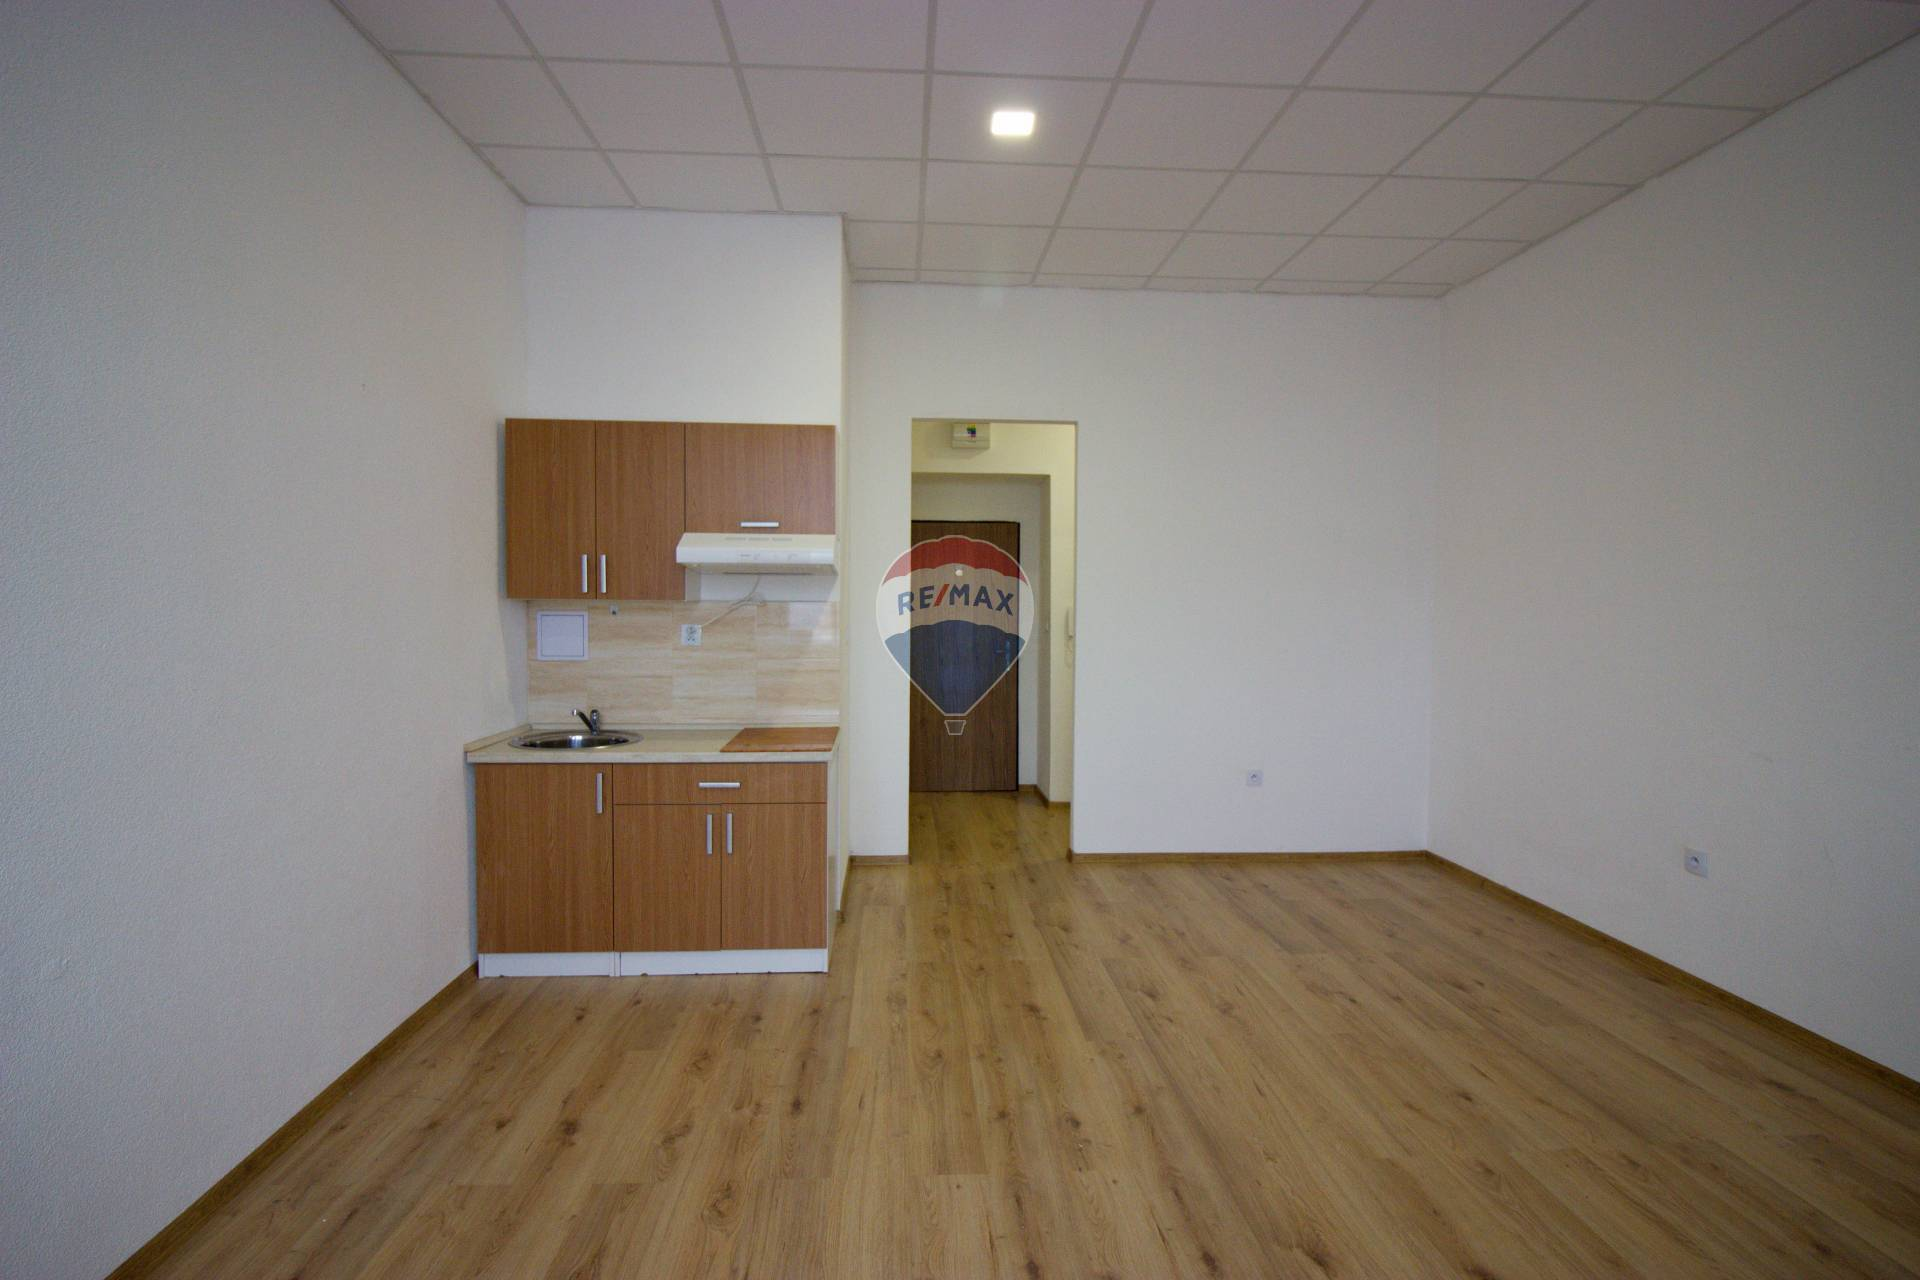 Prenájom 1-izbového bytu č.2.18-rozloha 29,31m2, Nové Mesto nad Váhom